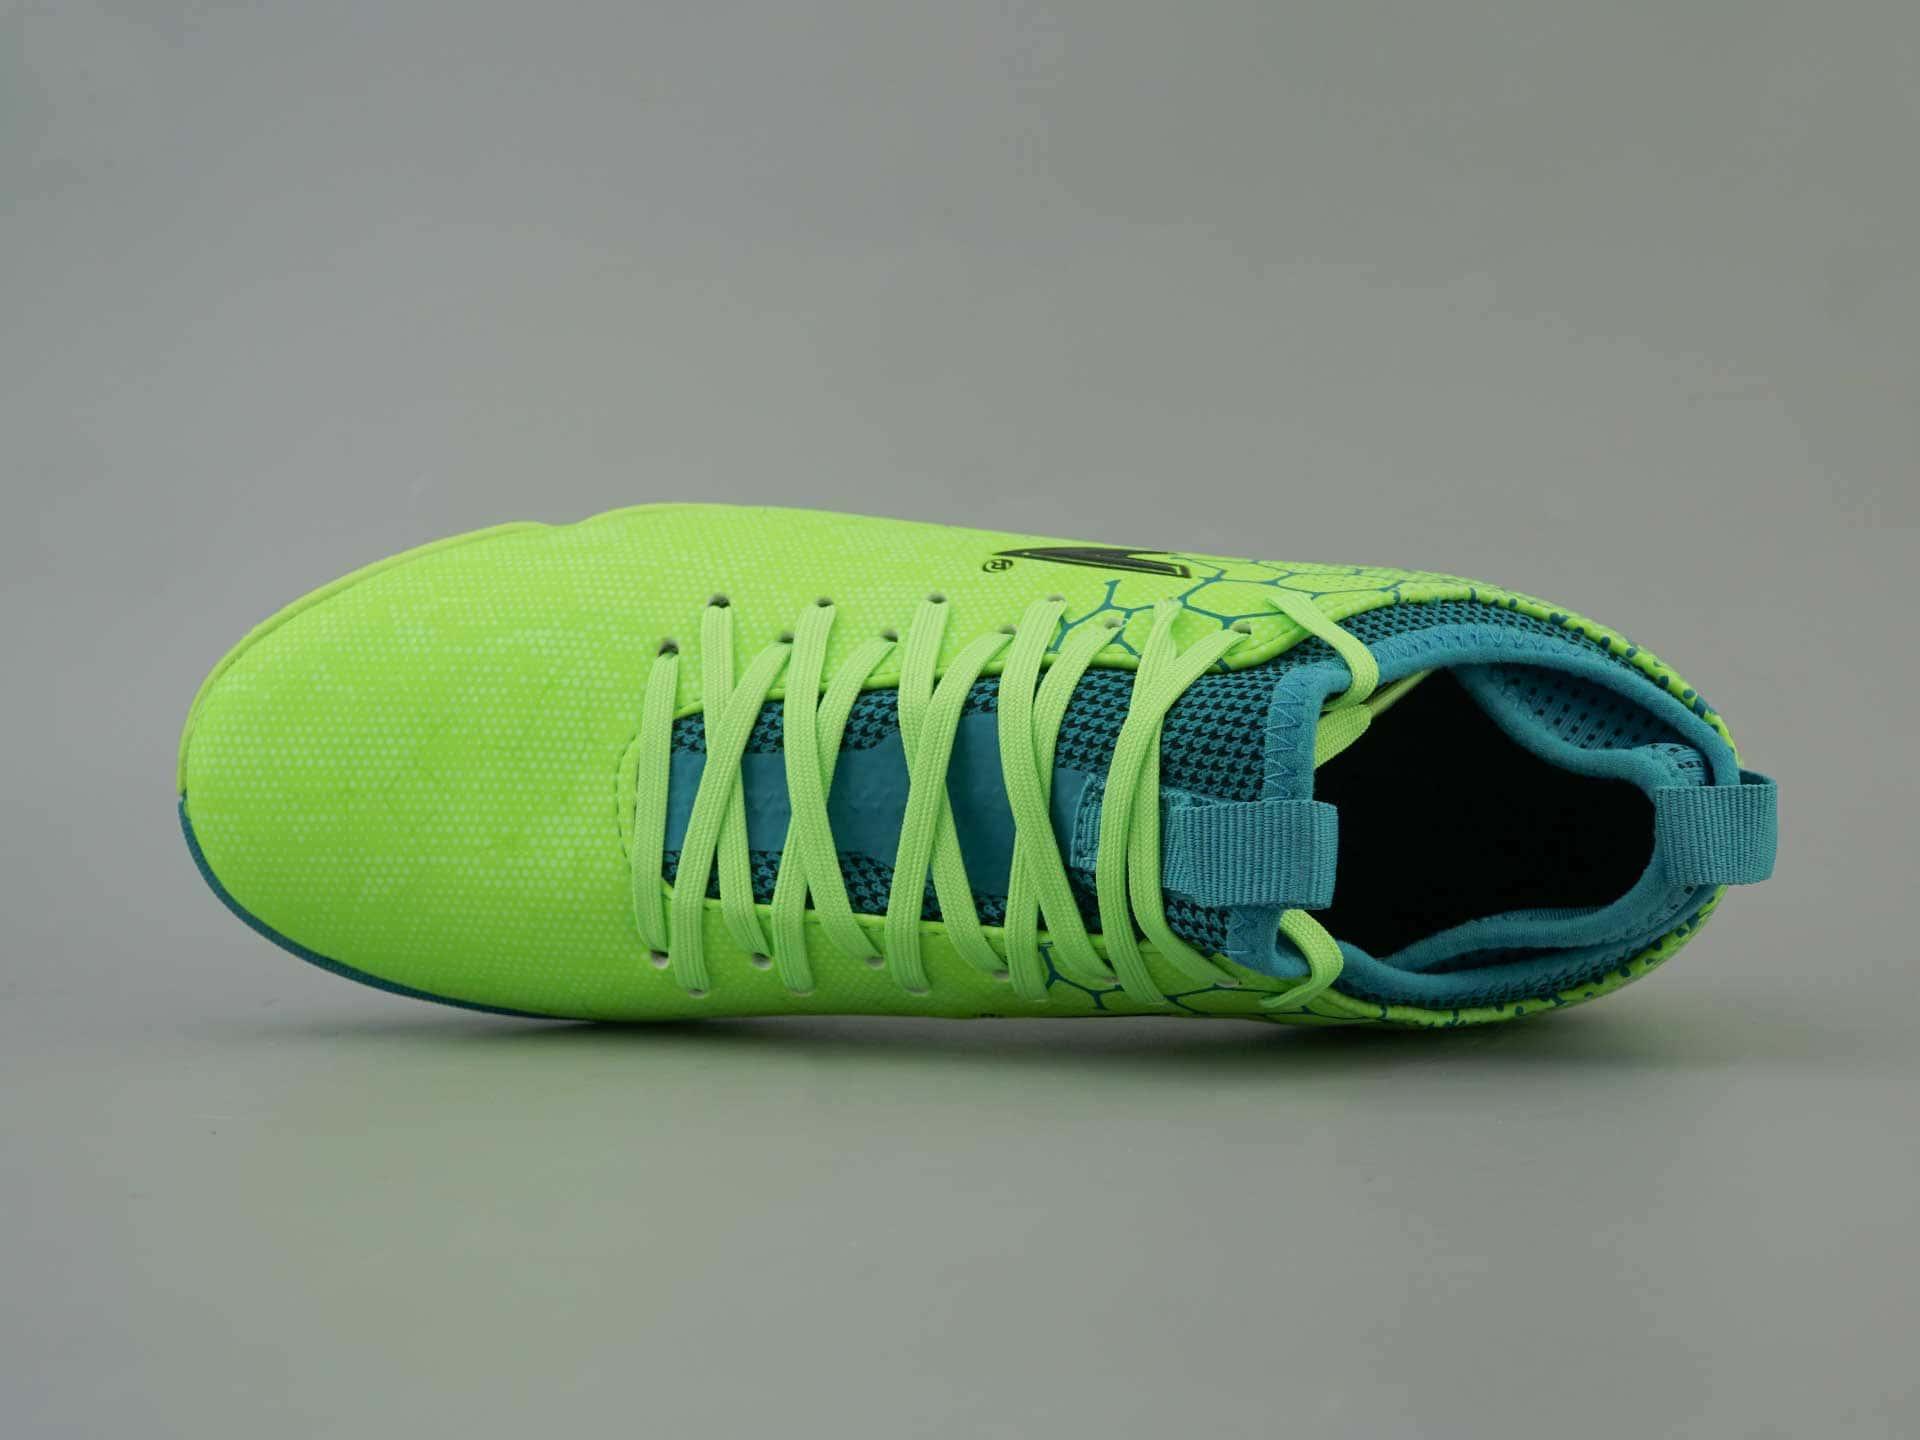 Giày bóng đá Mitre có tốt không? - Ảnh 3